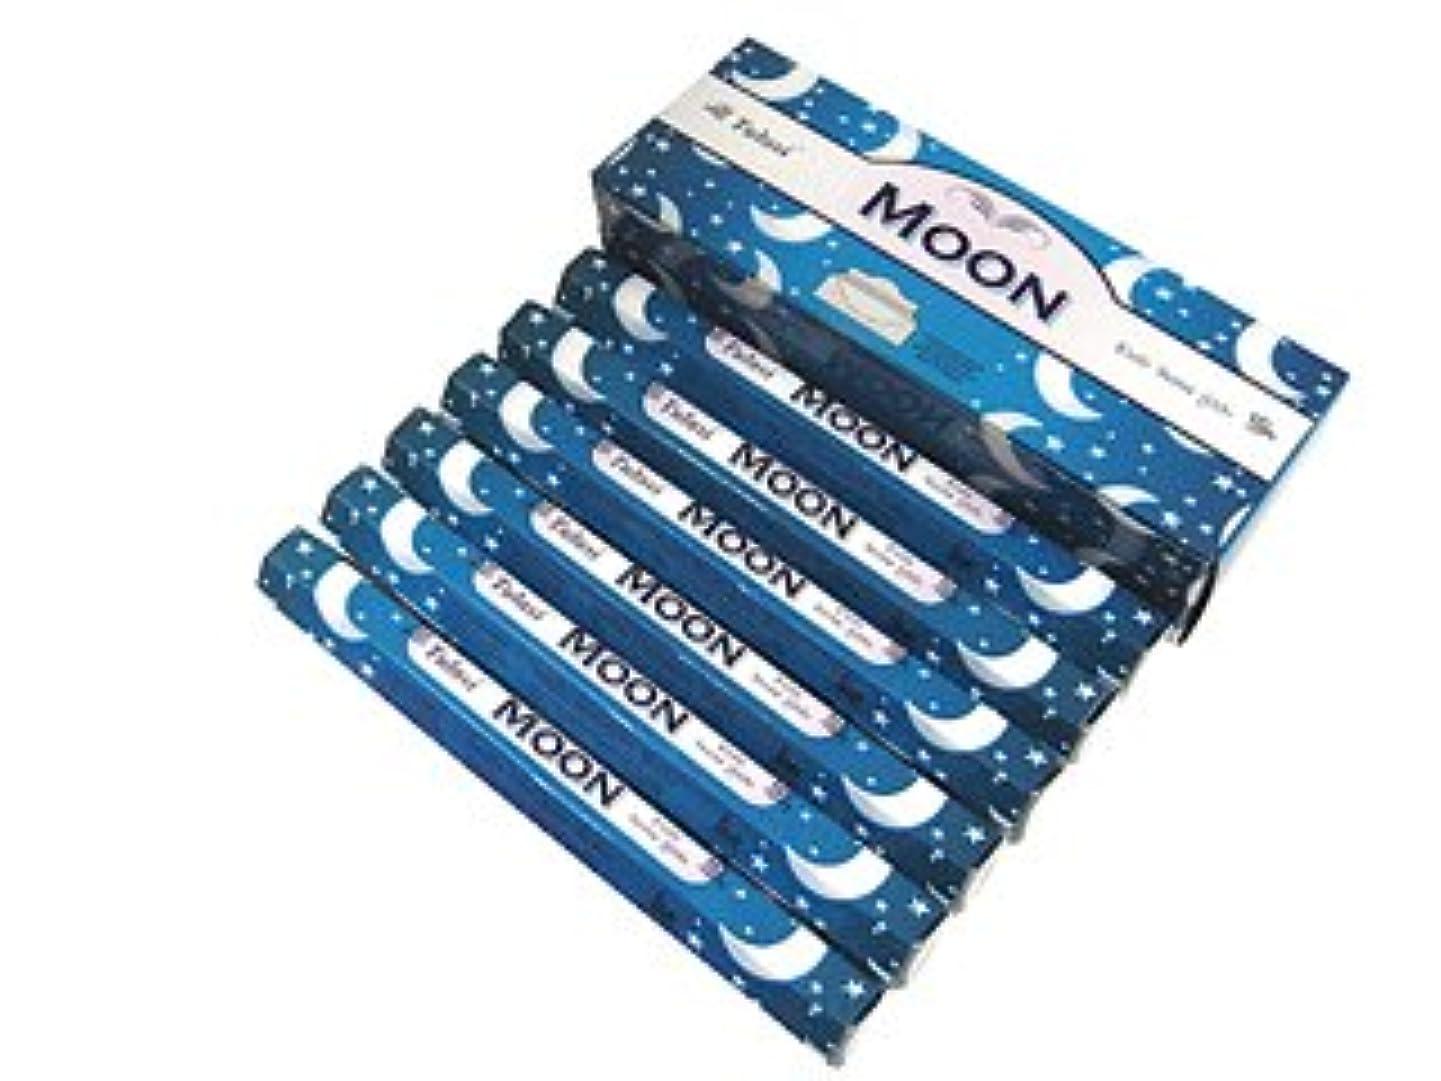 他の日専門知識入植者TULASI(トゥラシ) ムーン香 スティック MOON 6箱セット